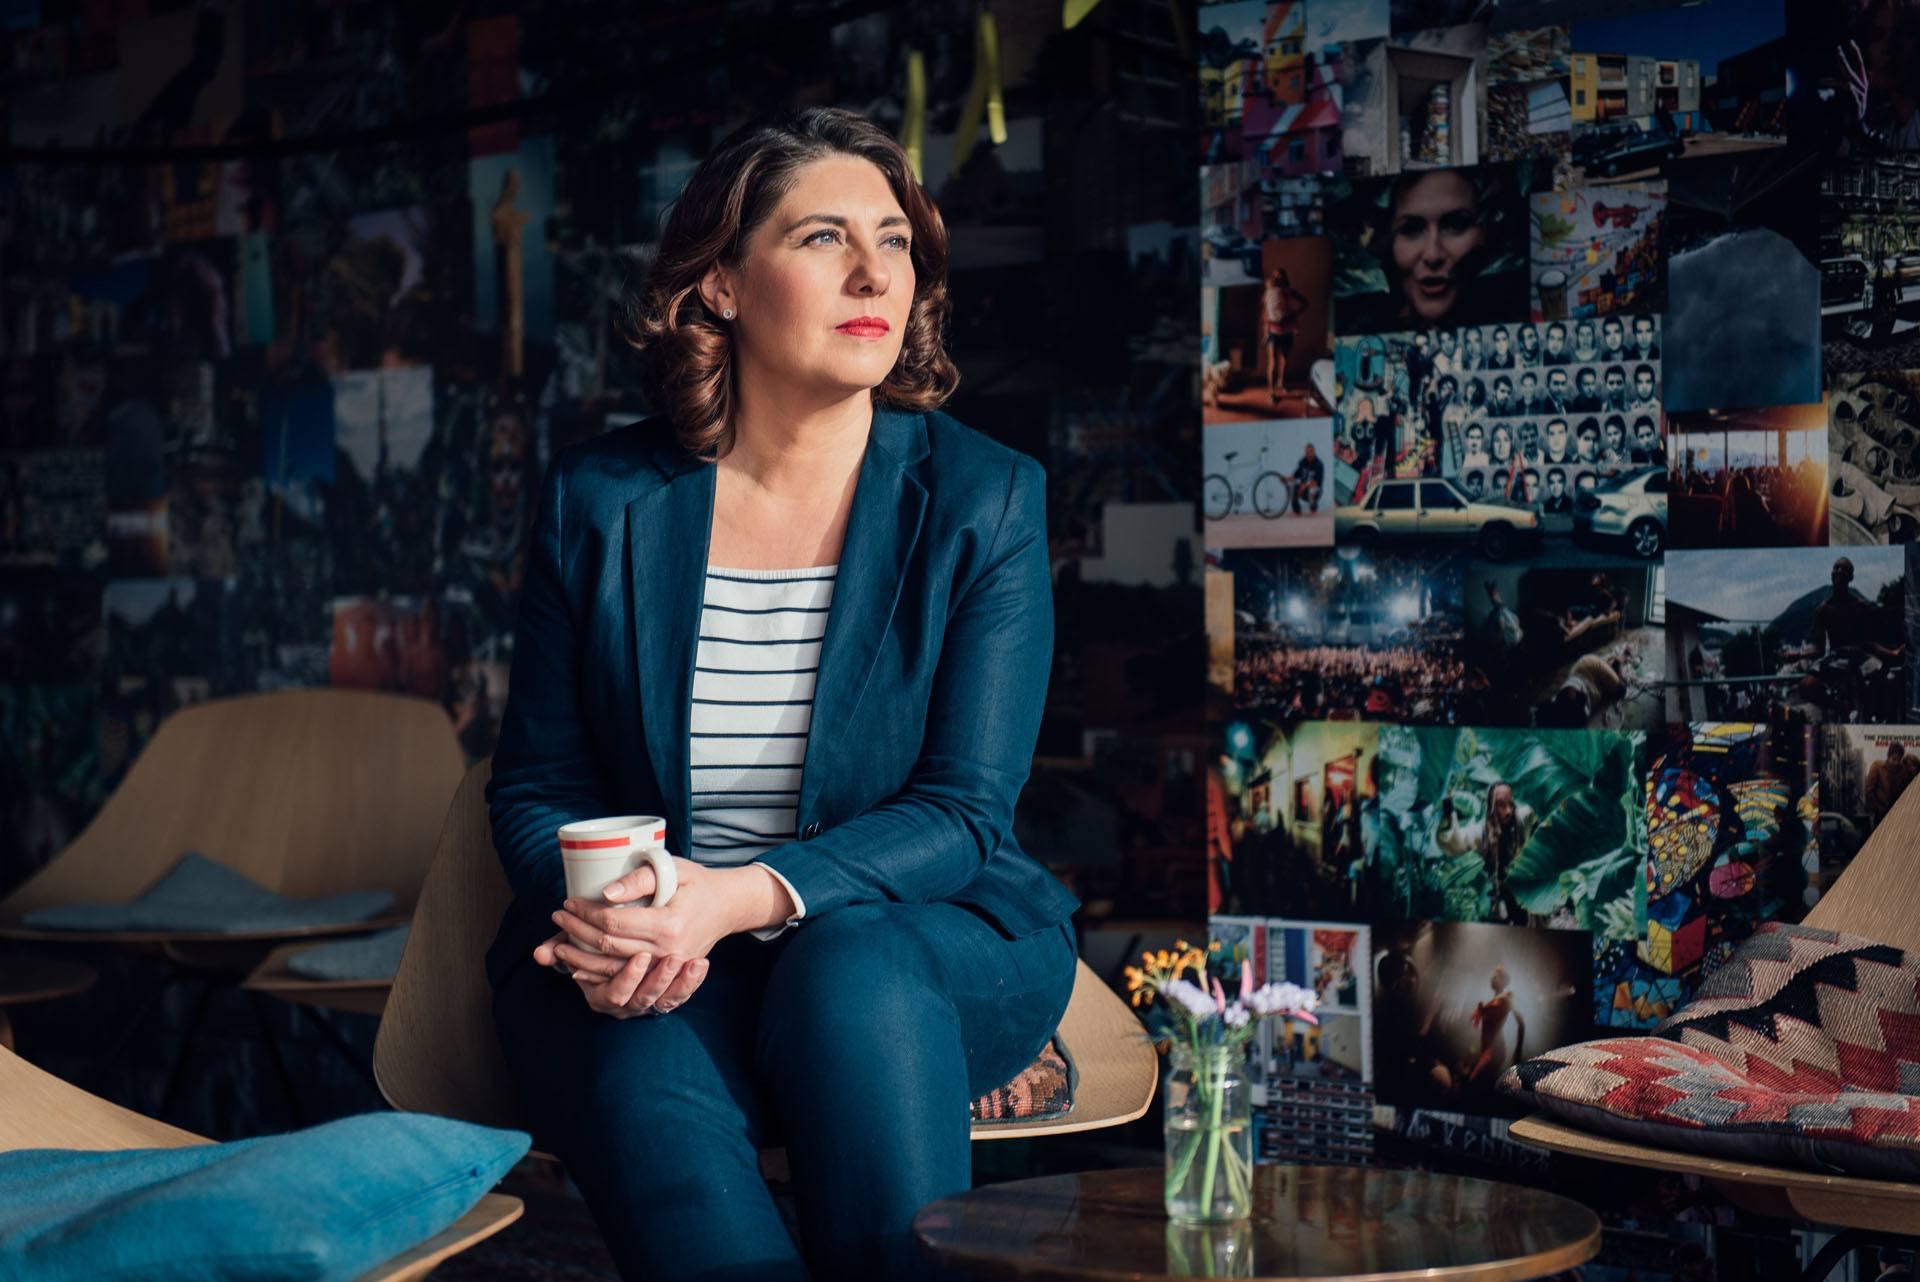 Eine Frau mit einer Kaffeetasse in der Hand sitzt vor einer bunten Wand mit vielen Bildern darauf